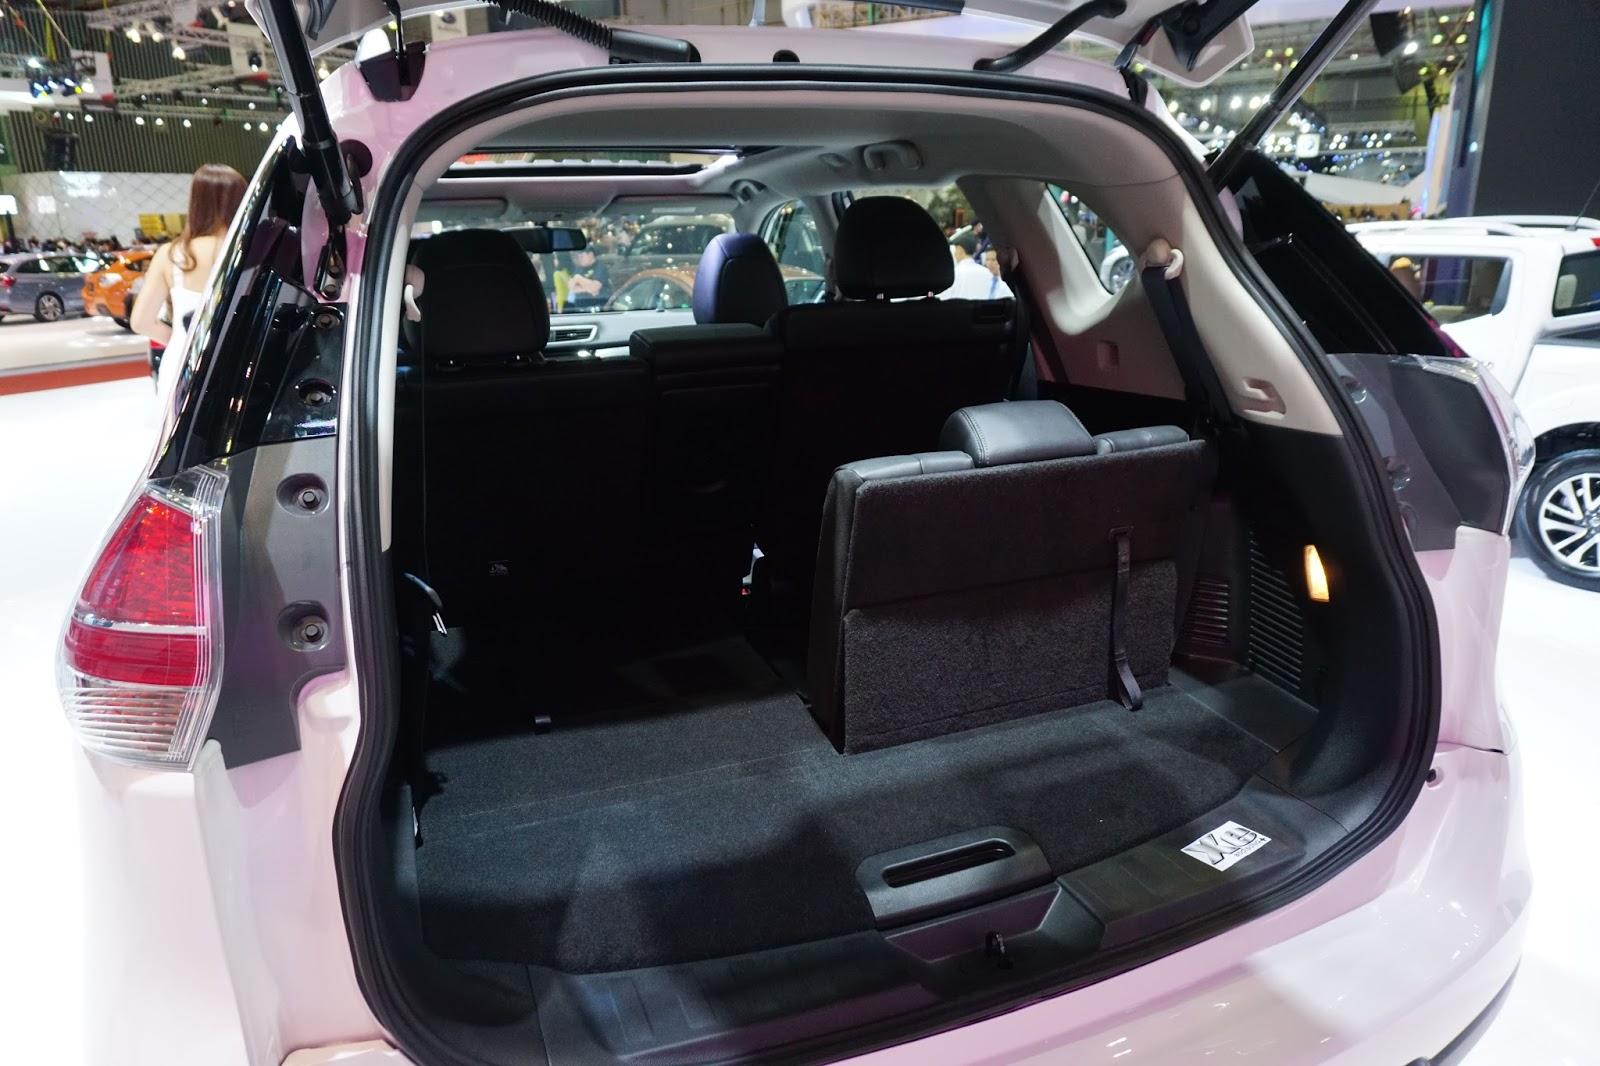 Xe có thêm hàng ghế thứ ba, nhưng thường sẽ được hạ phẳng để chứa đồ